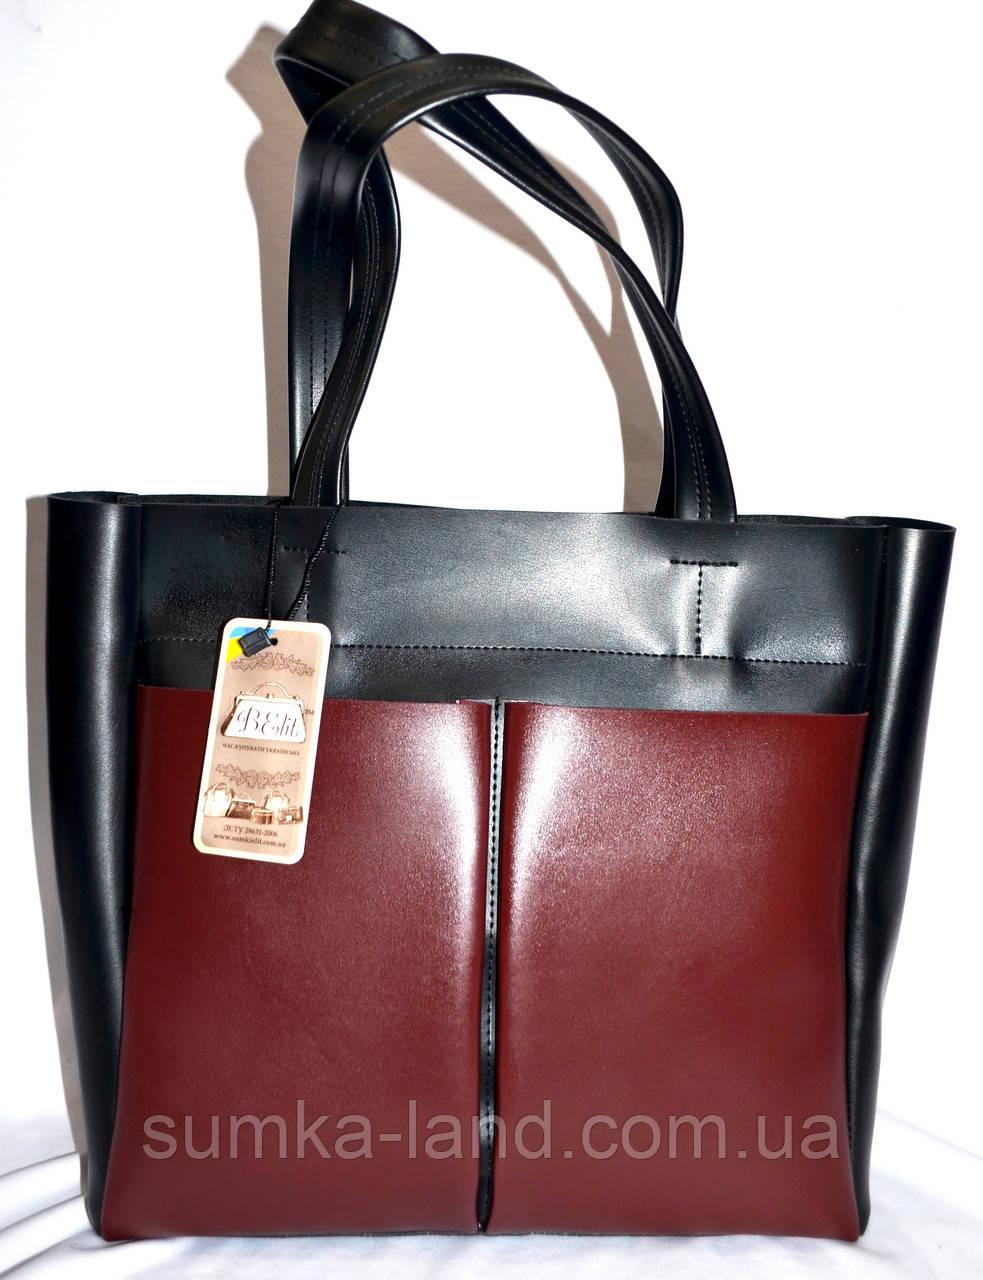 Женская комбинированная элитная сумка B Elit с двумя карманами 32*33 (черная с бордо)